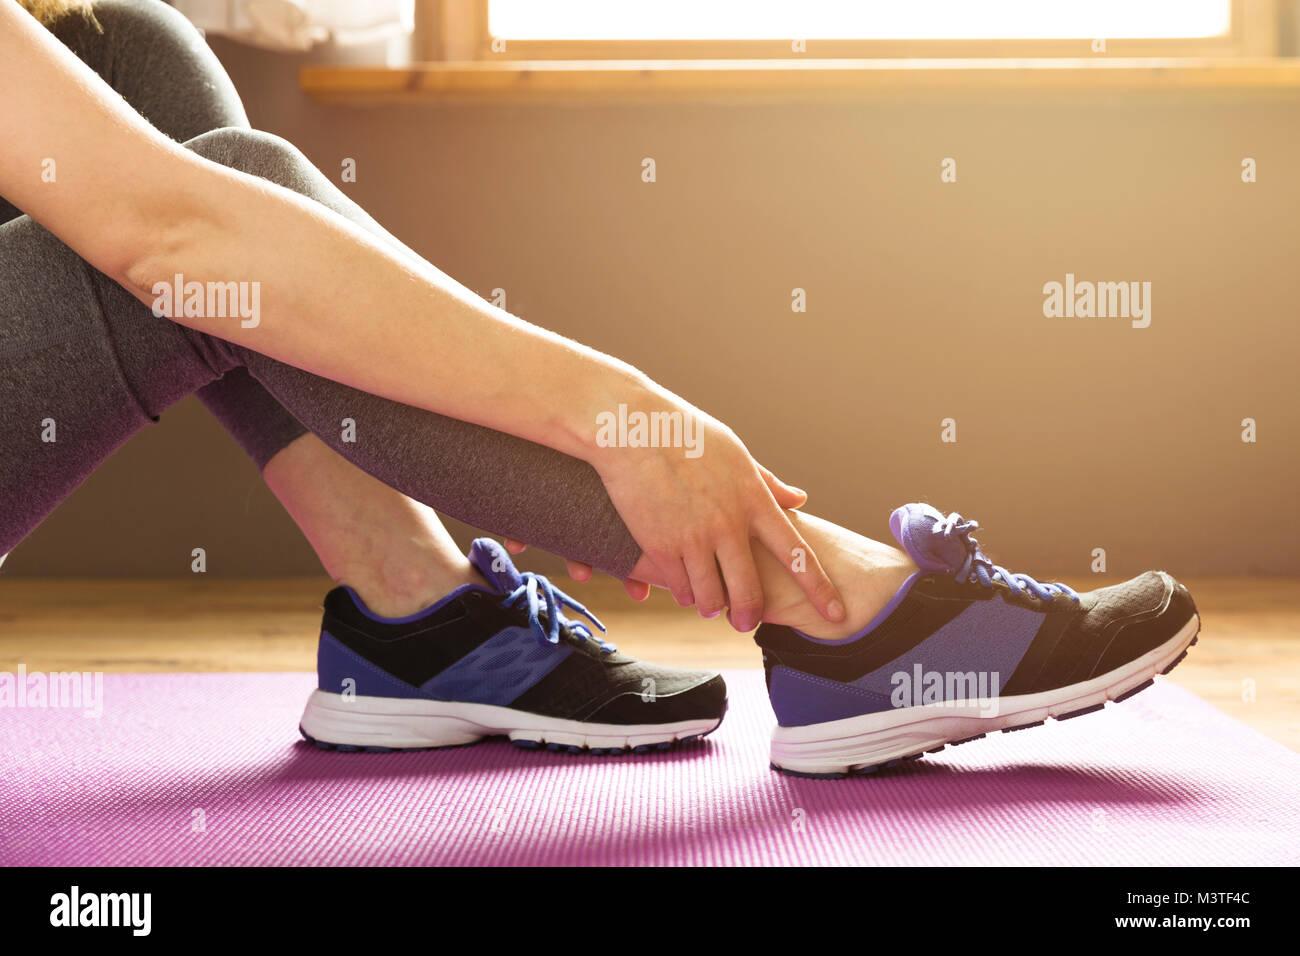 Junge Frau mit einer Knöchelverletzung beim Trainieren. Sport Übung Verletzungen Konzept. Stockbild